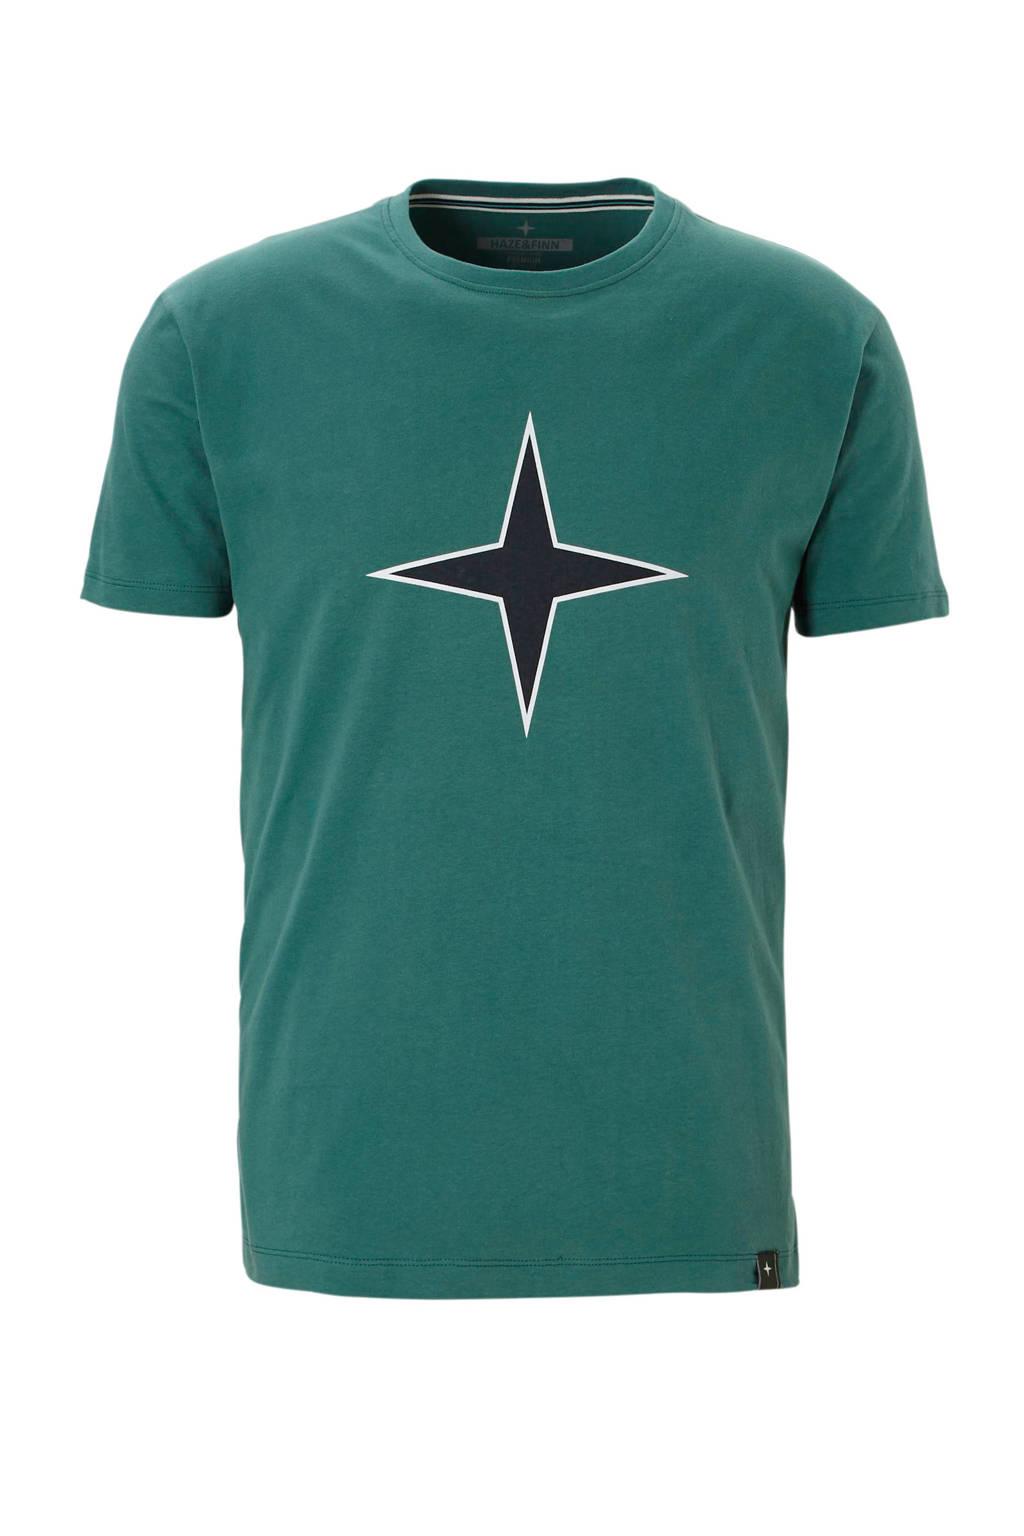 Haze & Finn t-shirt, Groen